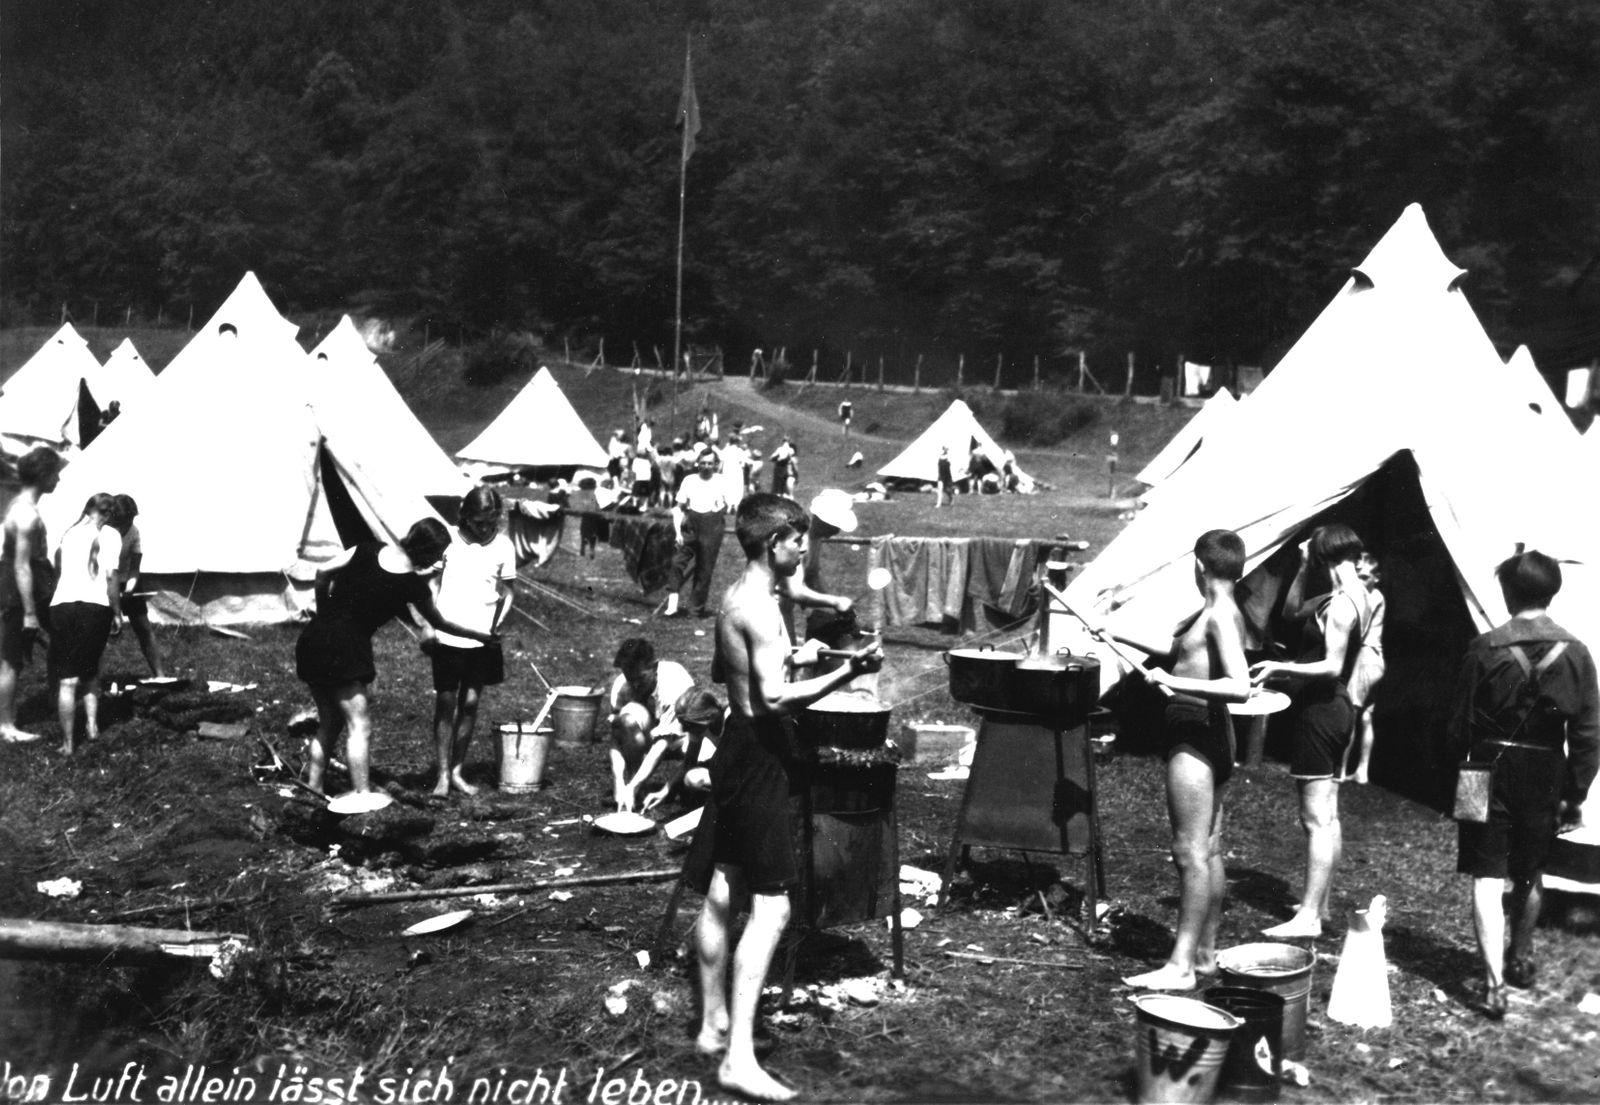 """Zeltlager am Rande der Stadt Braunschweig, zur Vorbereitung auf das Leben in einer """"Kinderrepublik"""","""